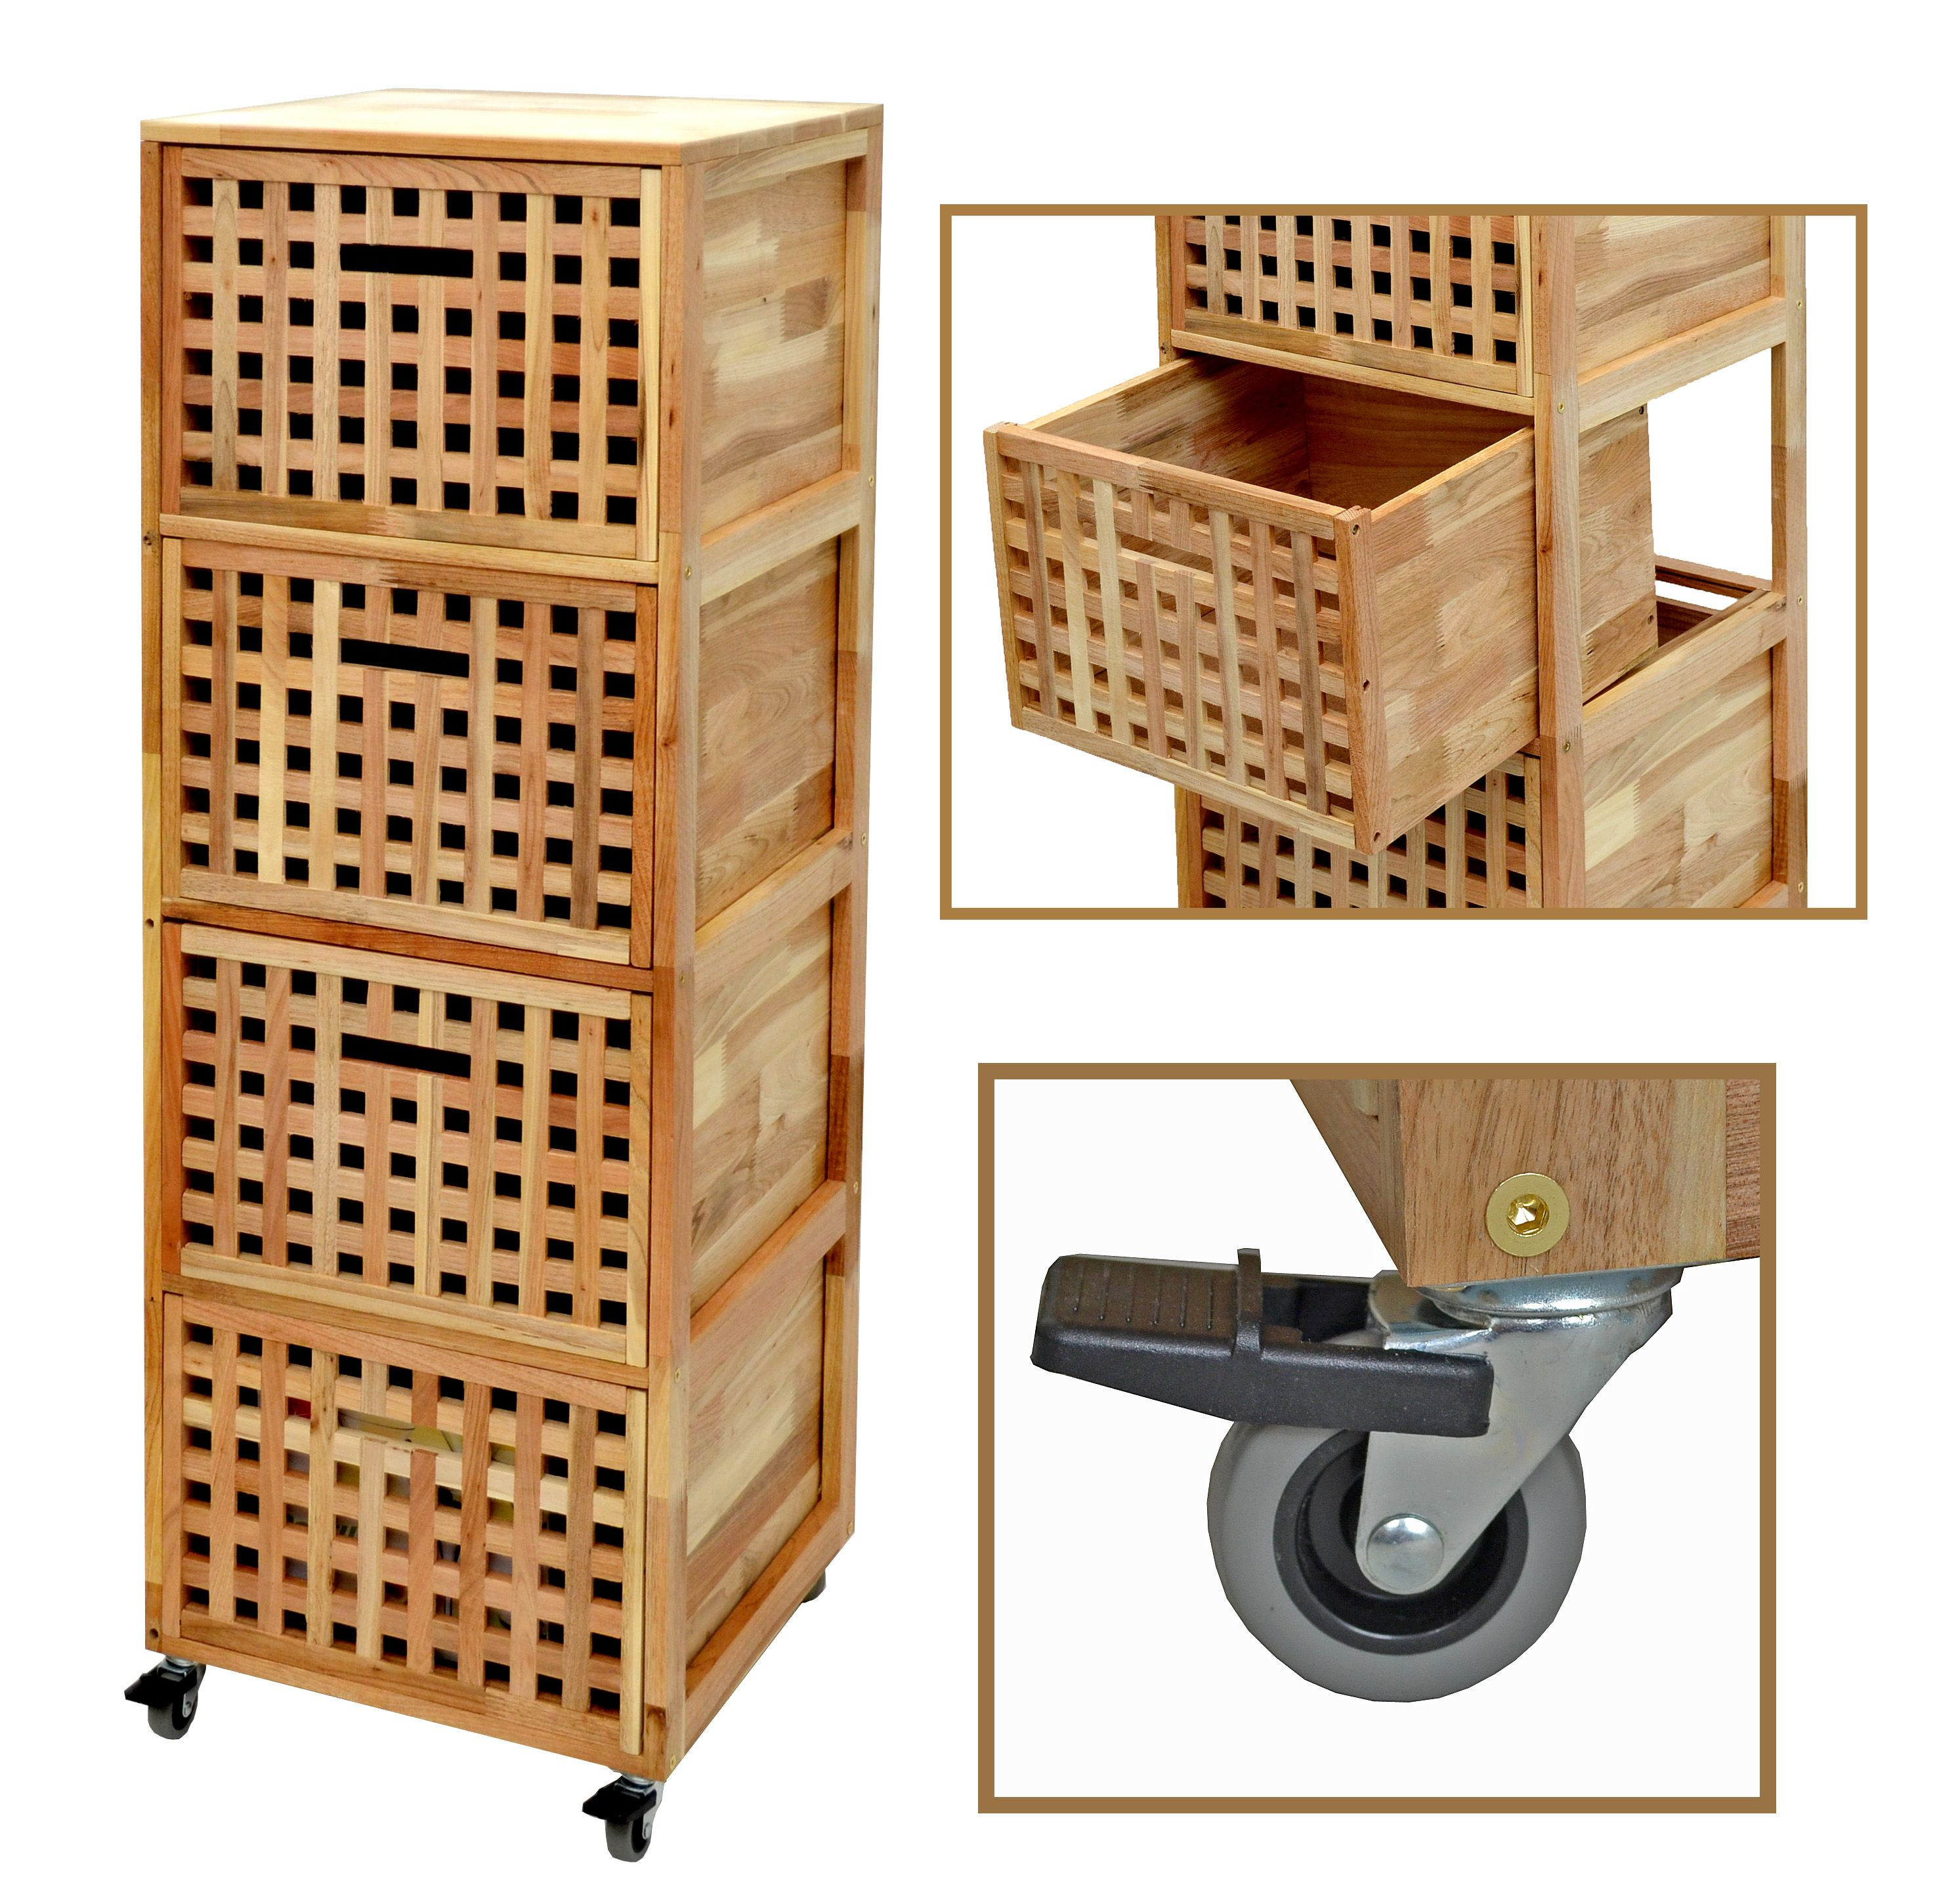 Details Zu Kommode Waschebox Flur Kinderzimmer Bad Schrank Regal Waschekorb Walnuss Holz Schrank Regale Waschebox Badschrank